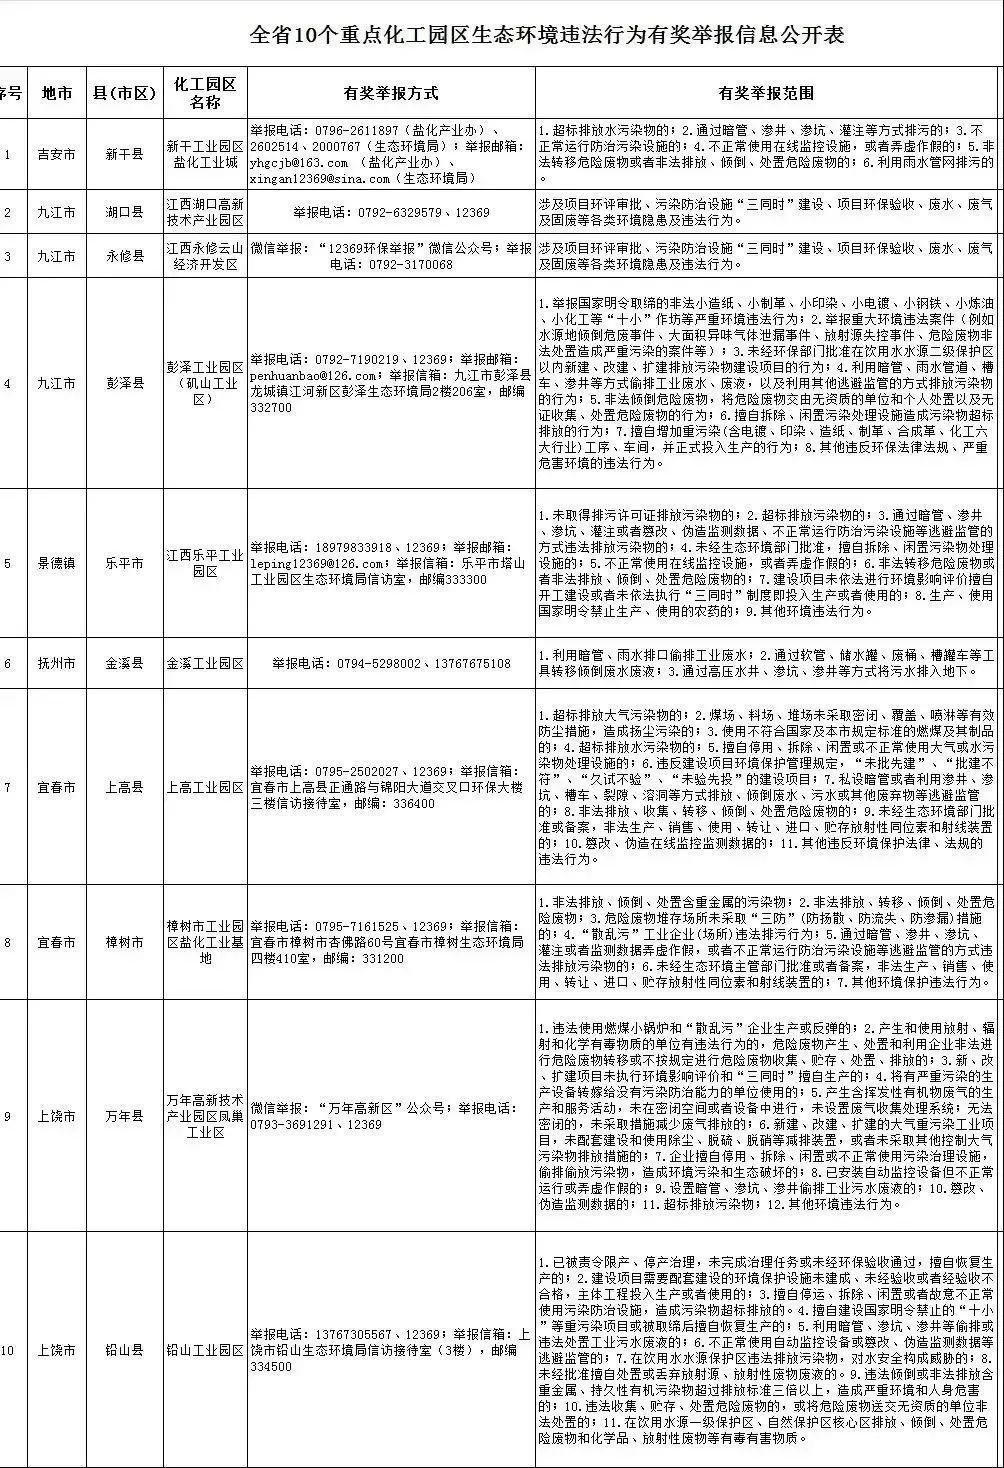 江西省集中发布10个重点化工园区有奖举报信息